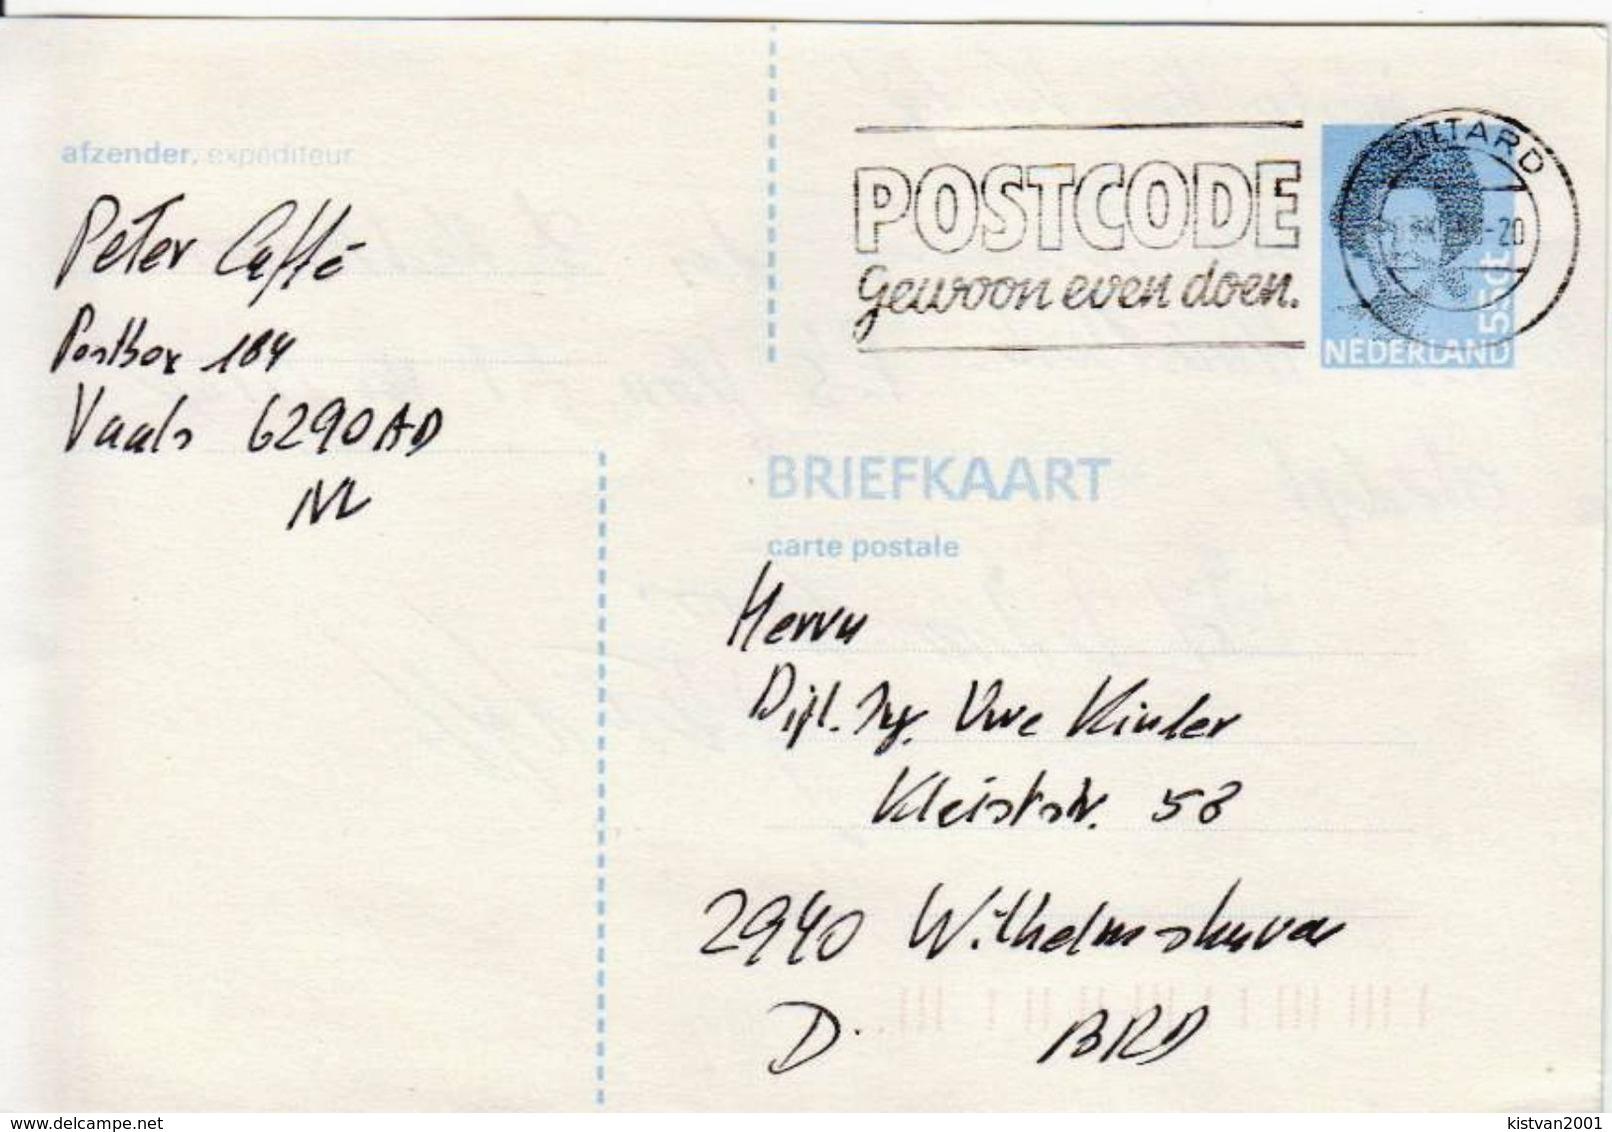 Postal History: Netherlands Postal Stationery - Postal Stationery